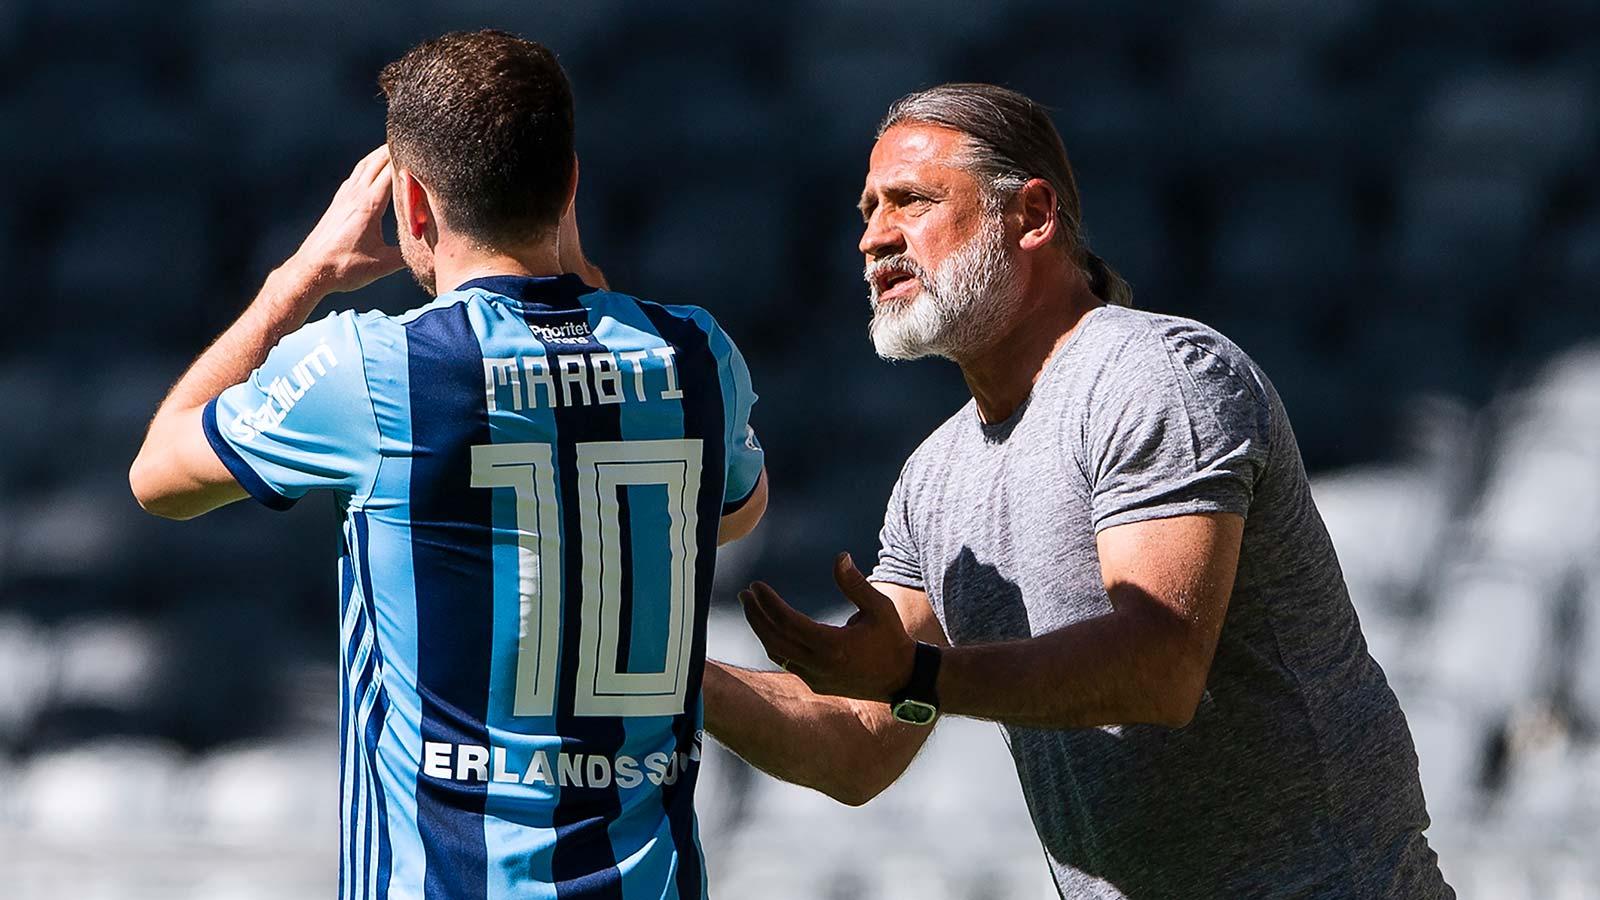 180513 Djurgårdens tränare Õzcan Melkemichel (h) pratar med Kerim Mrabti under fotbollsmatchen i Allsvenskan mellan Djurgården och Dalkurd den 13 Maj 2018 i Stockholm.